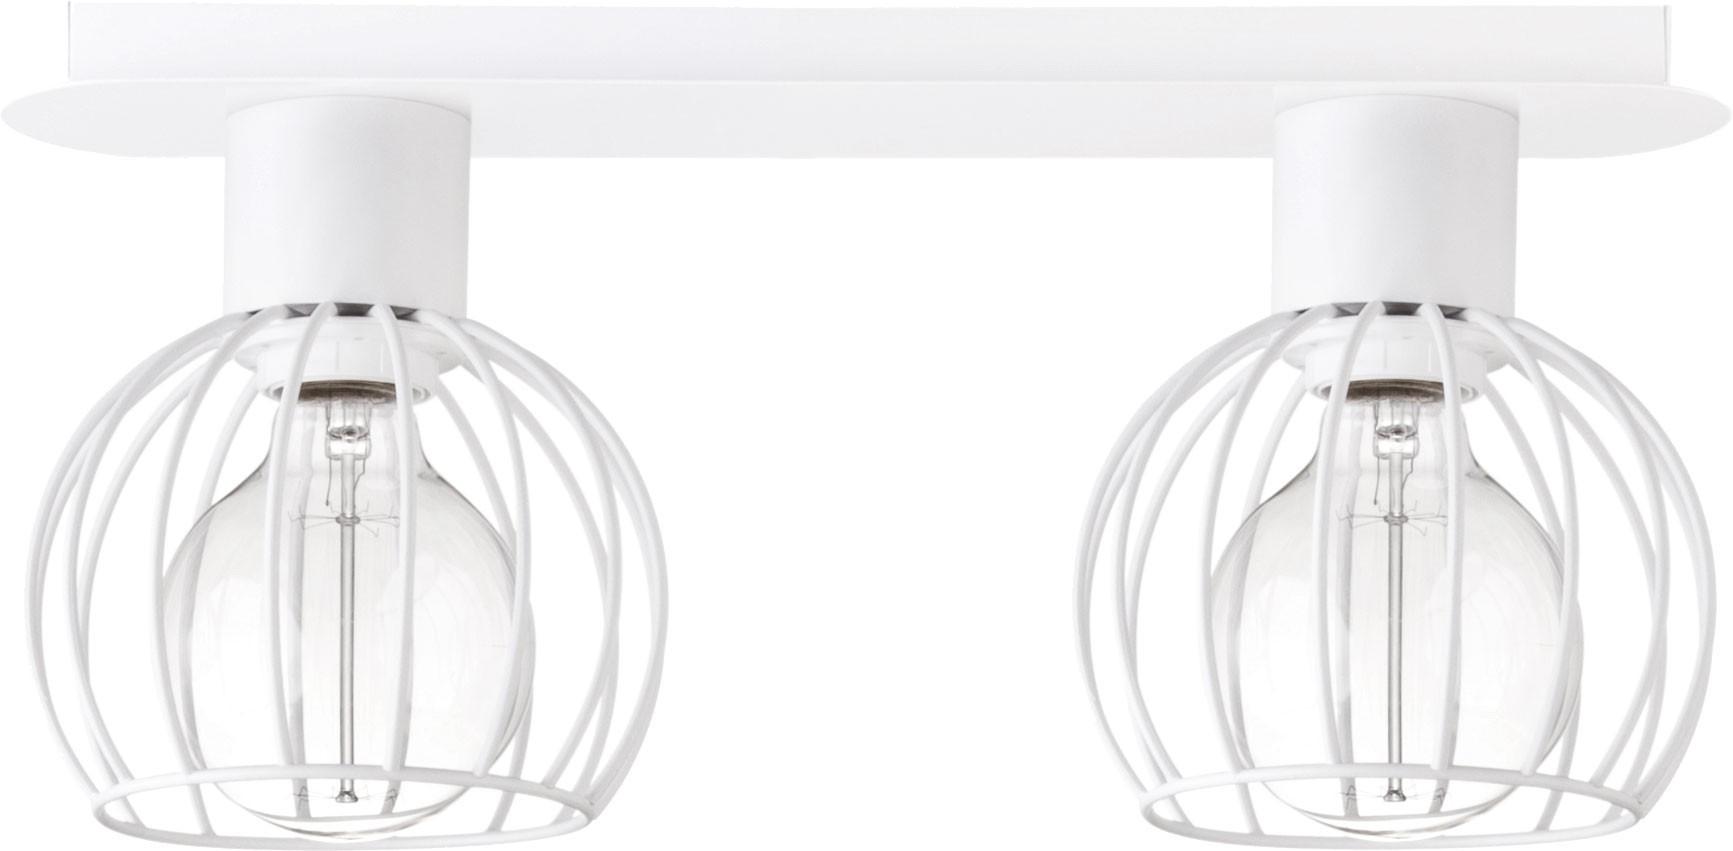 Lampa sufitowa Luto koło 2 biała mat 31169 - Sigma Do -17% rabatu w koszyku i darmowa dostawa od 299zł !